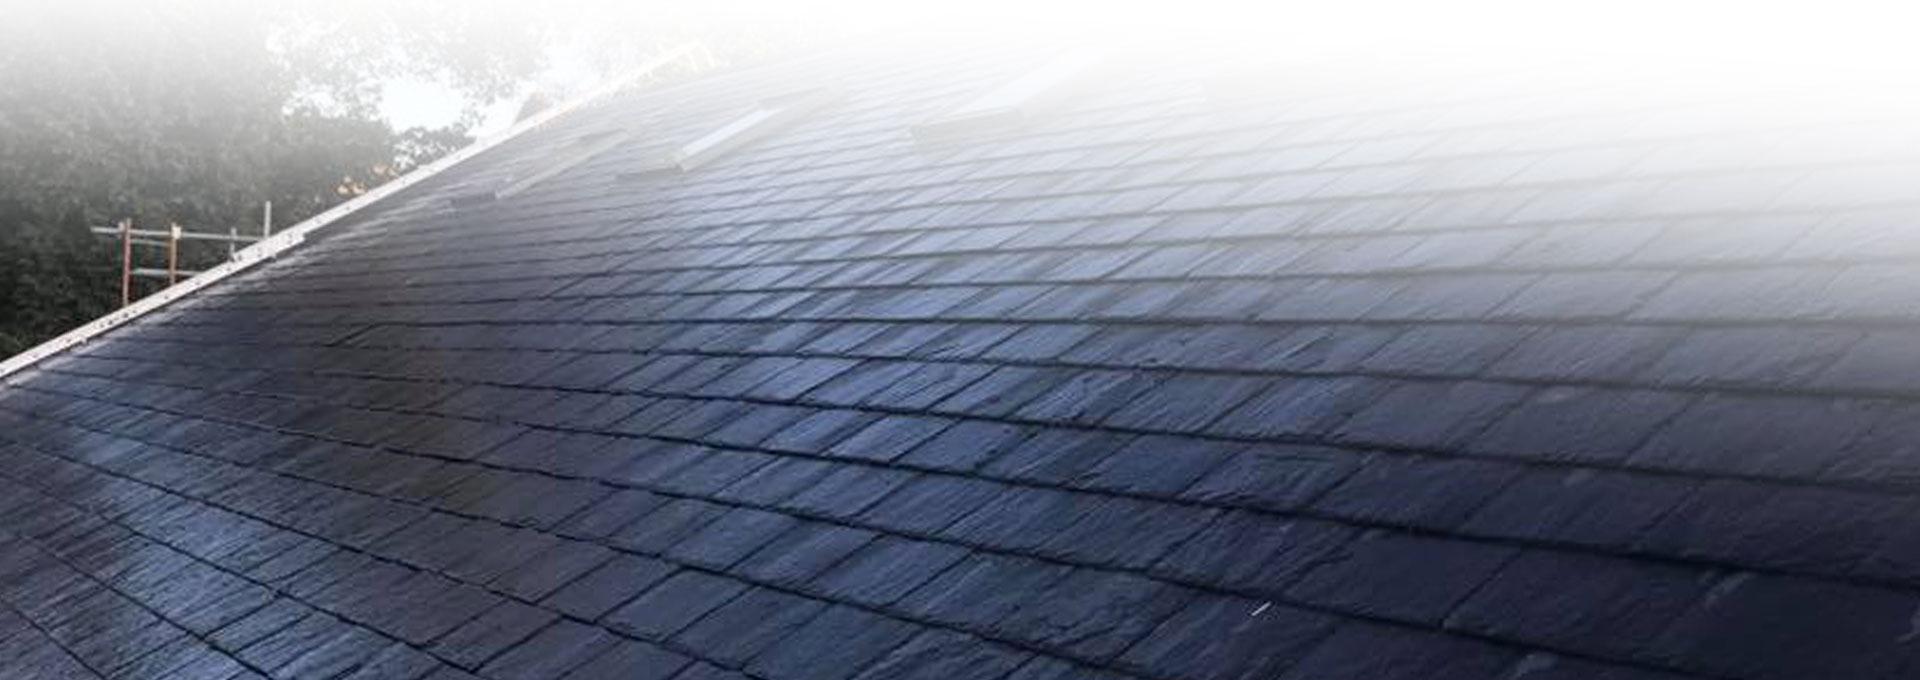 choosing roof tiles slate